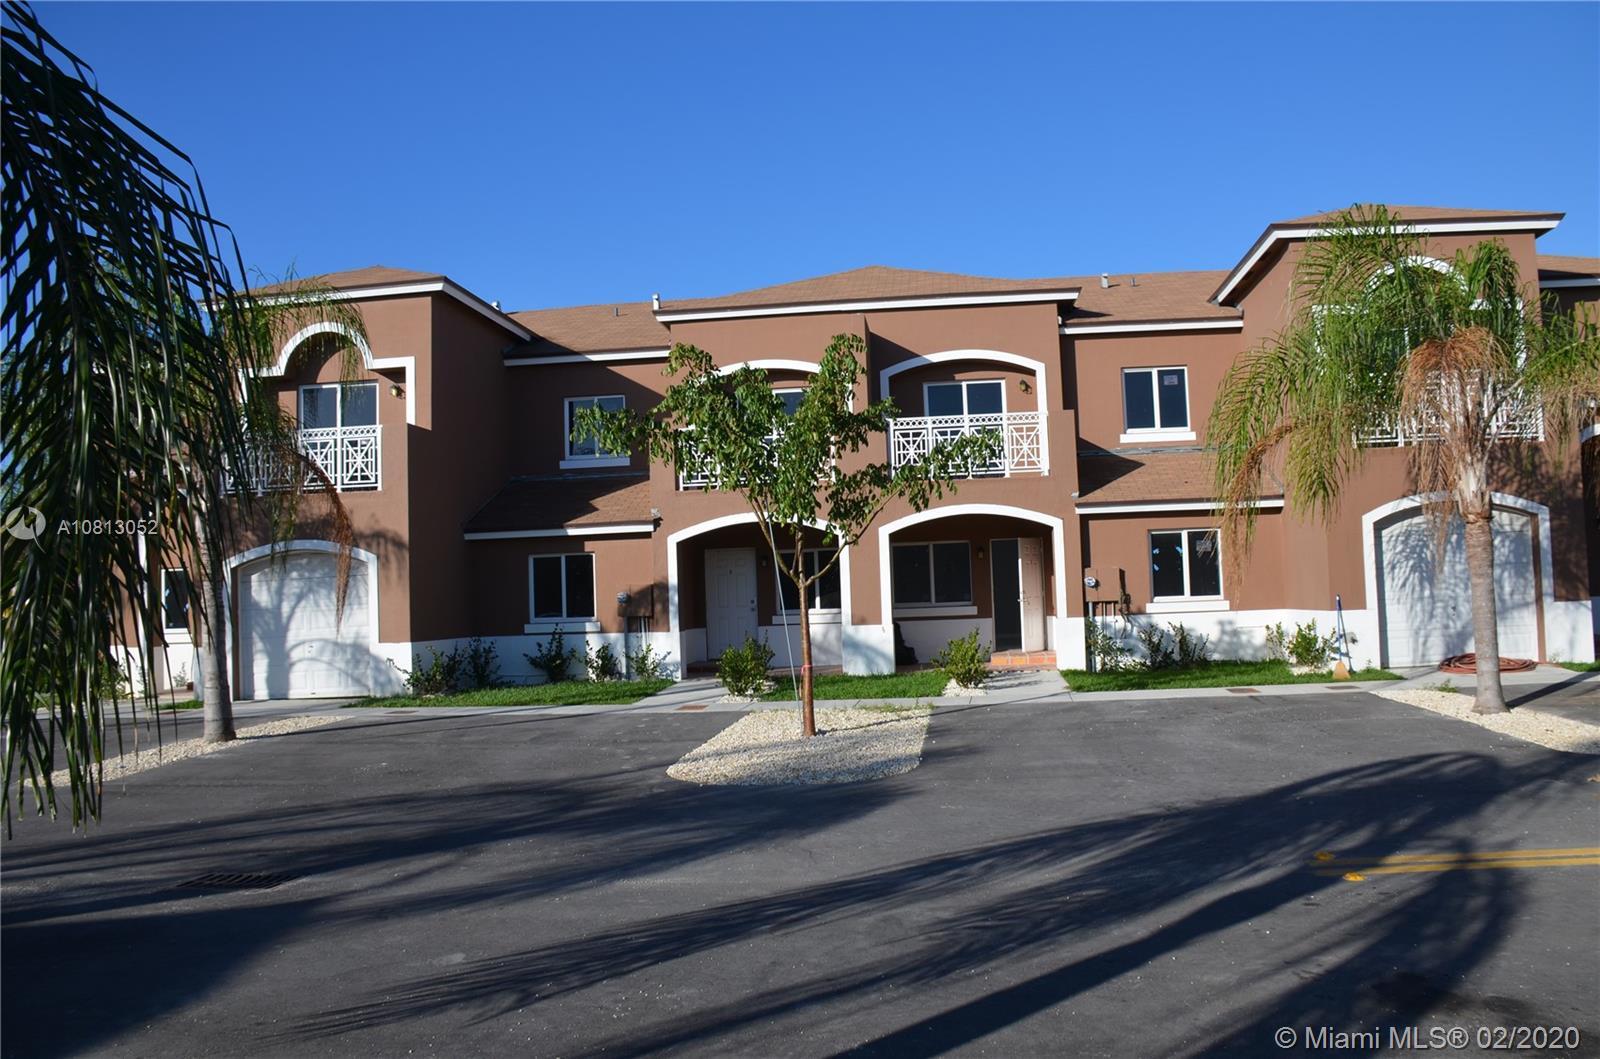 25808 SW 137th Path, Naranja, FL 33032 - Naranja, FL real estate listing